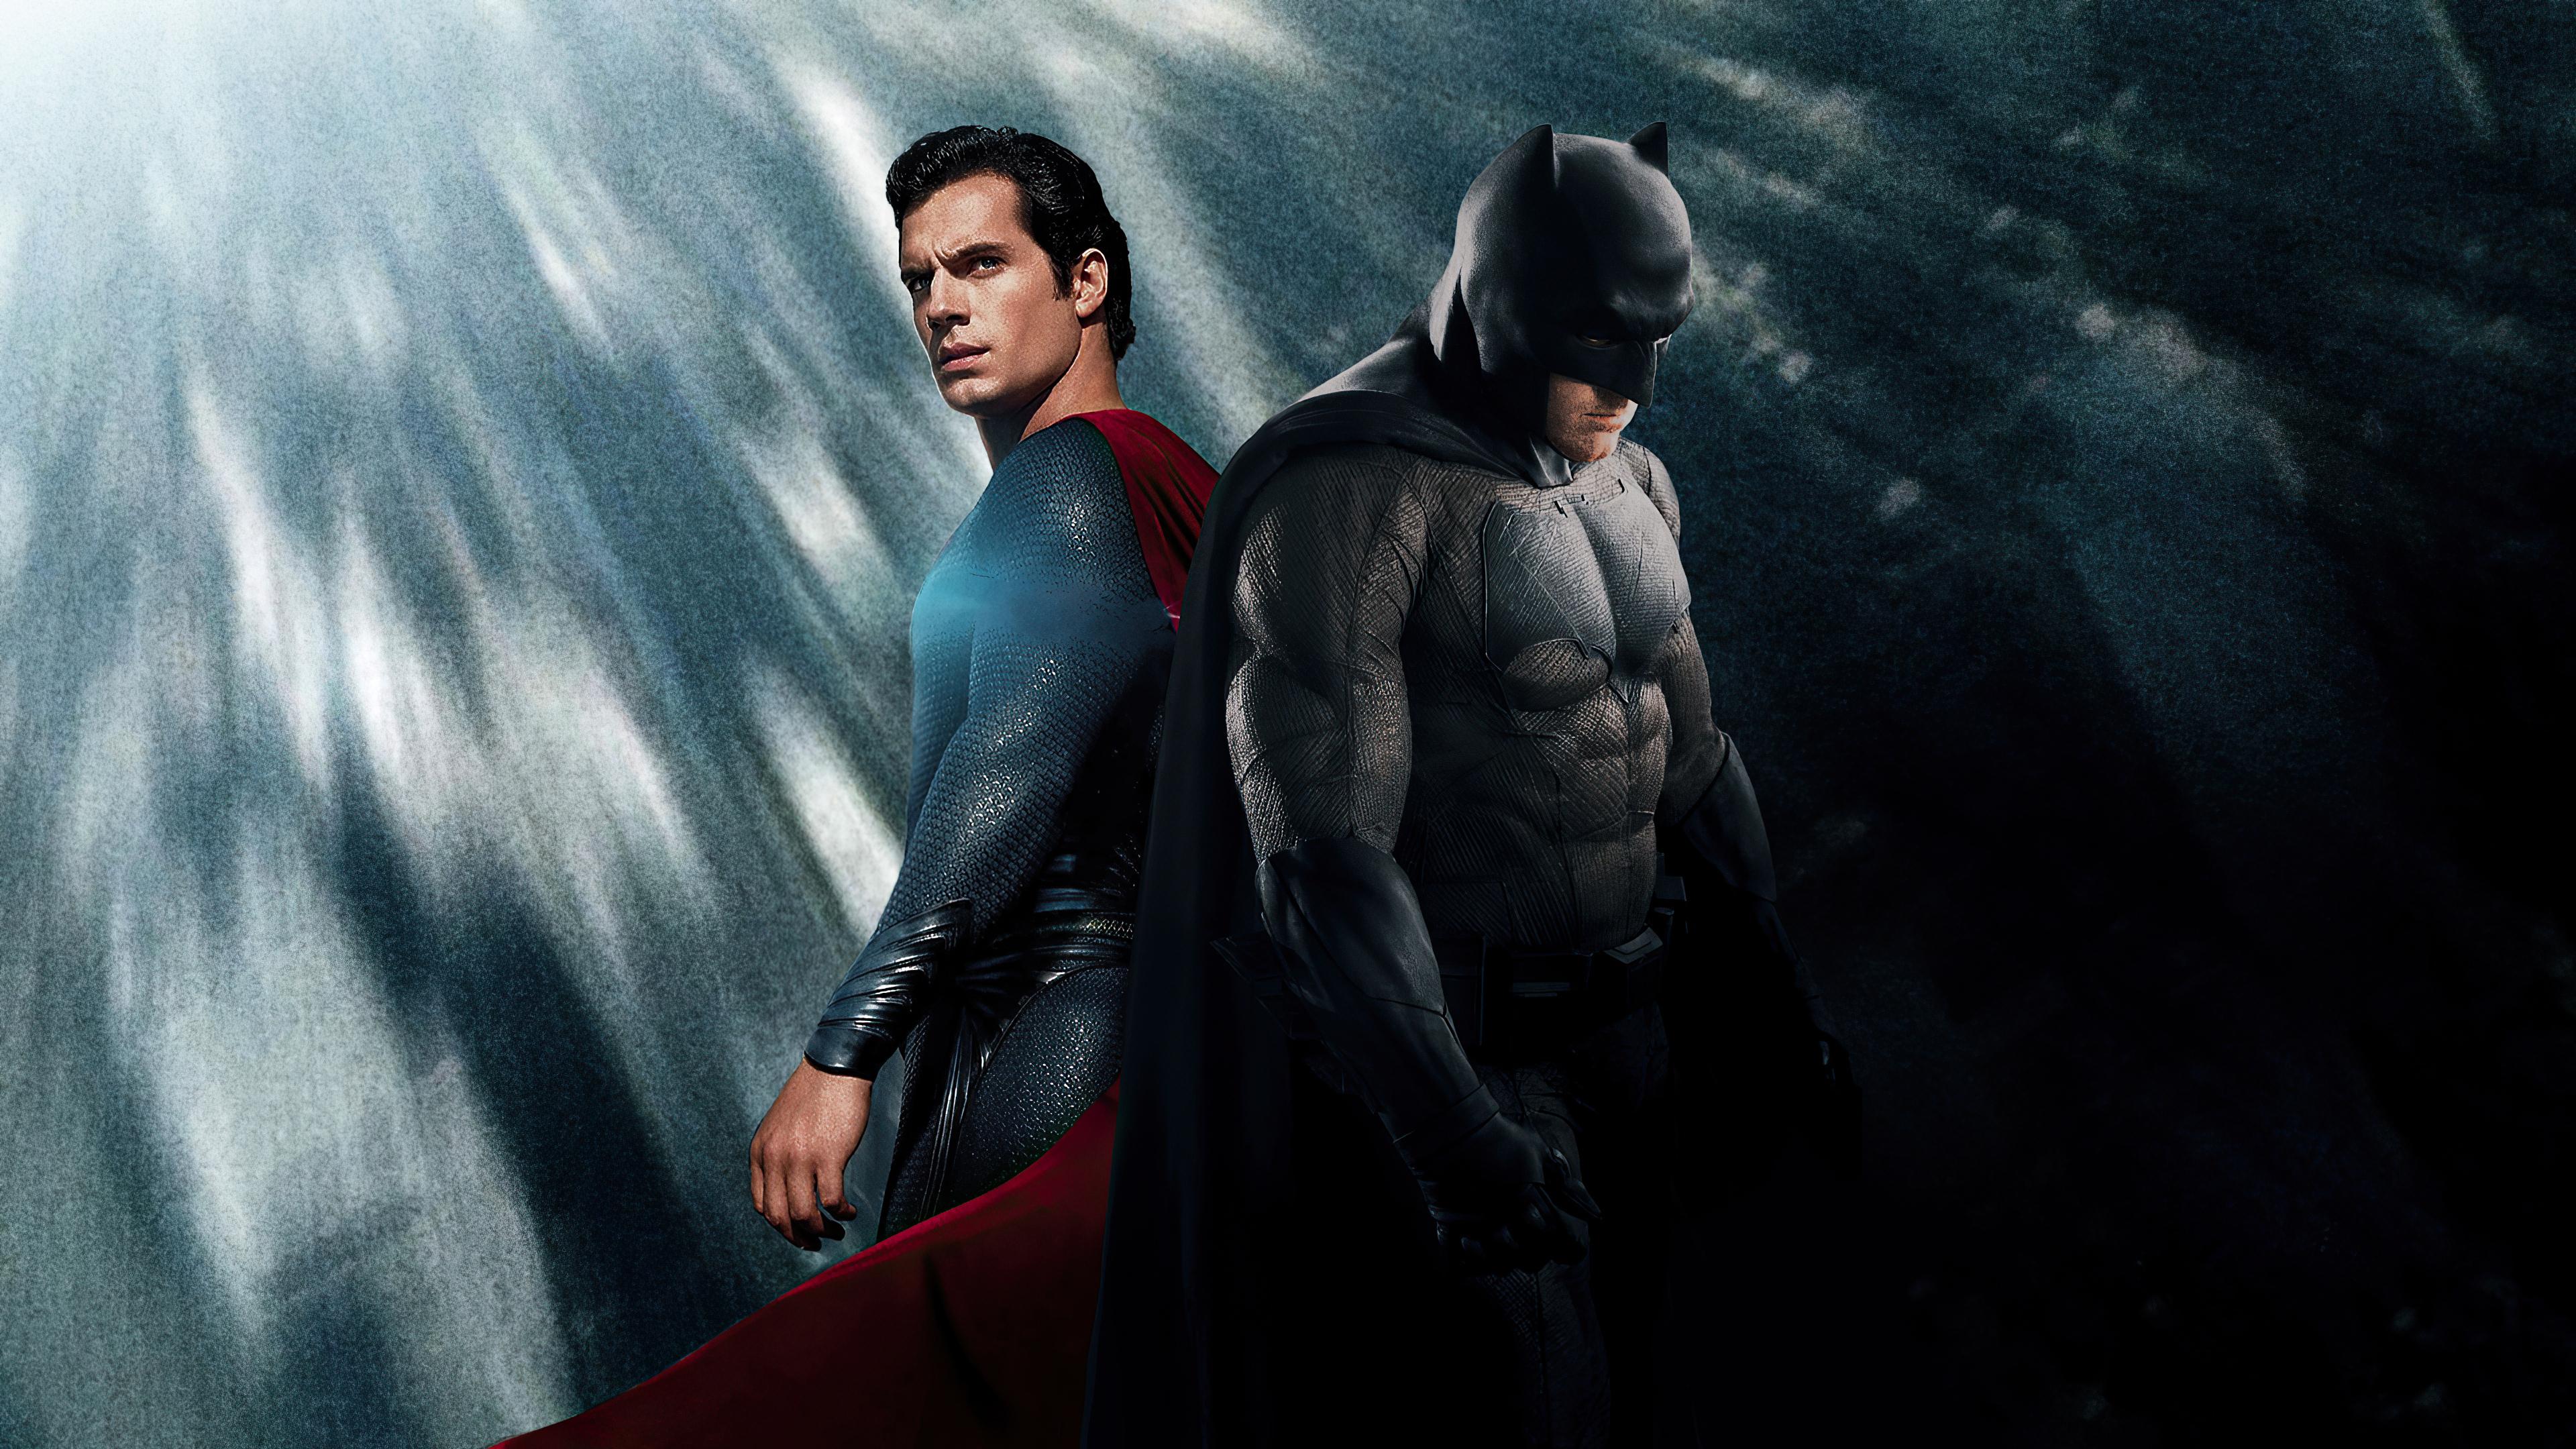 batman vs superman standing 1596915679 - Batman Vs Superman Standing -